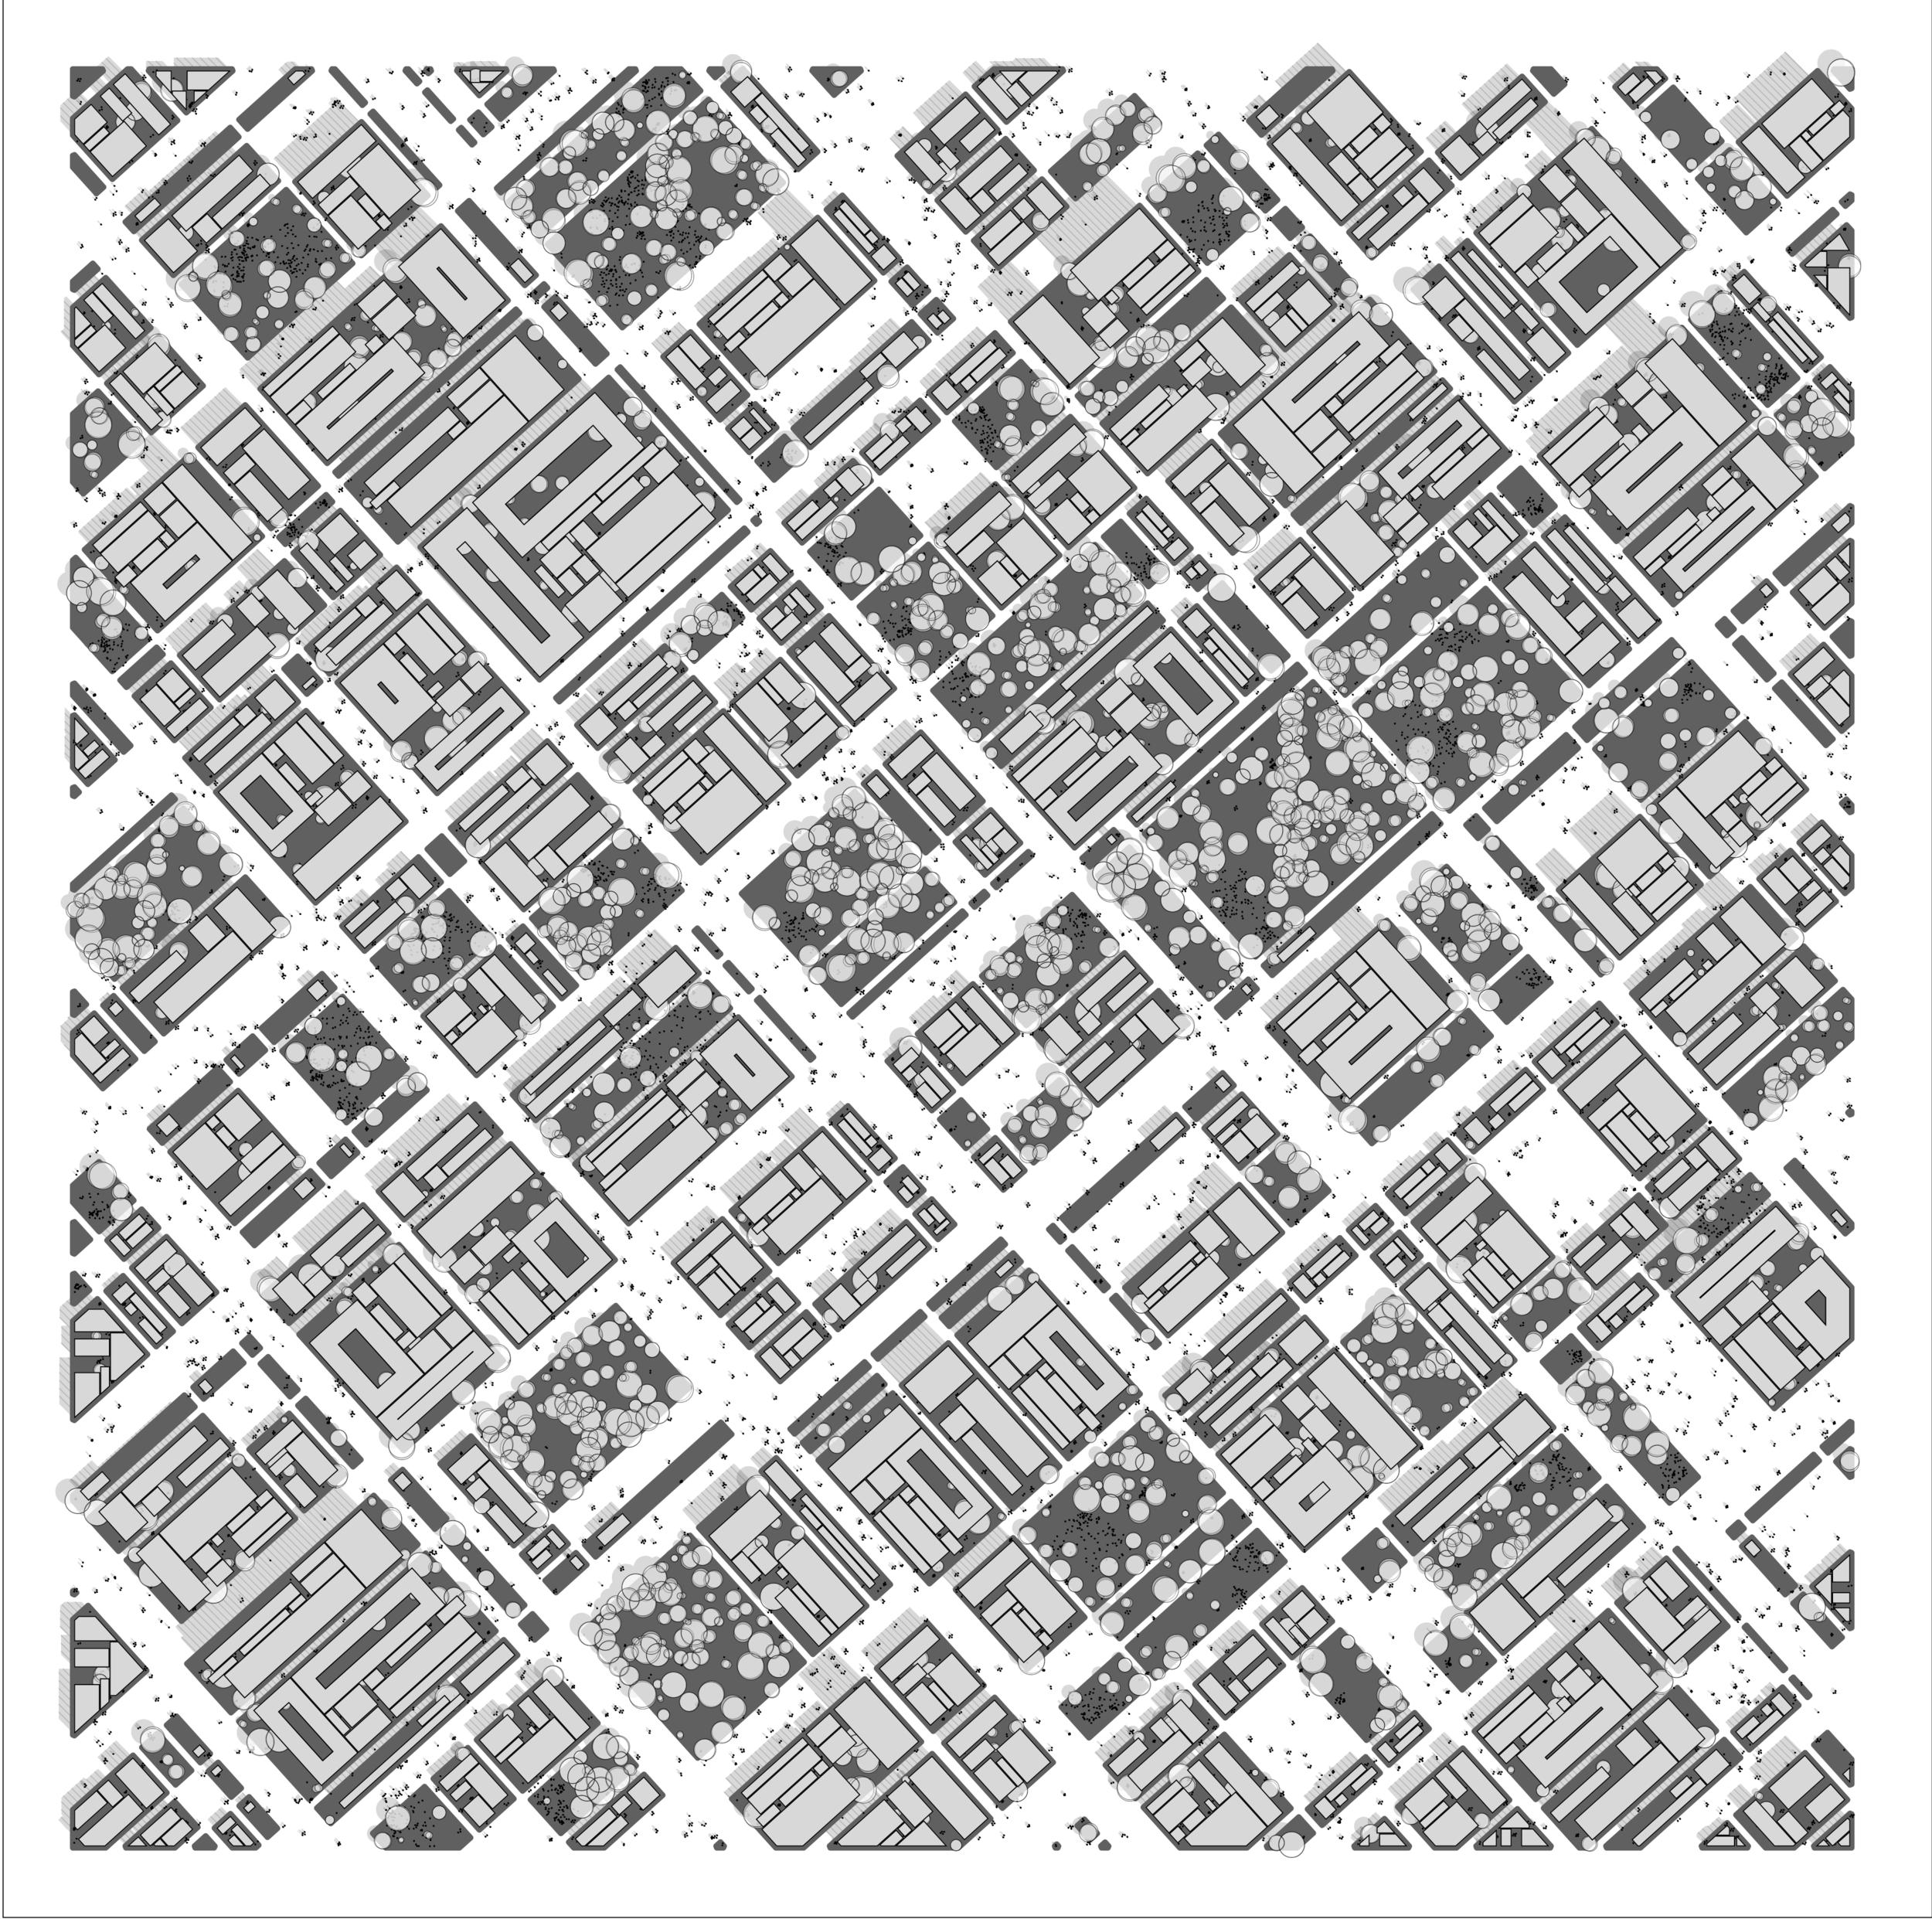 Michael Kundin Urban-Plan.png